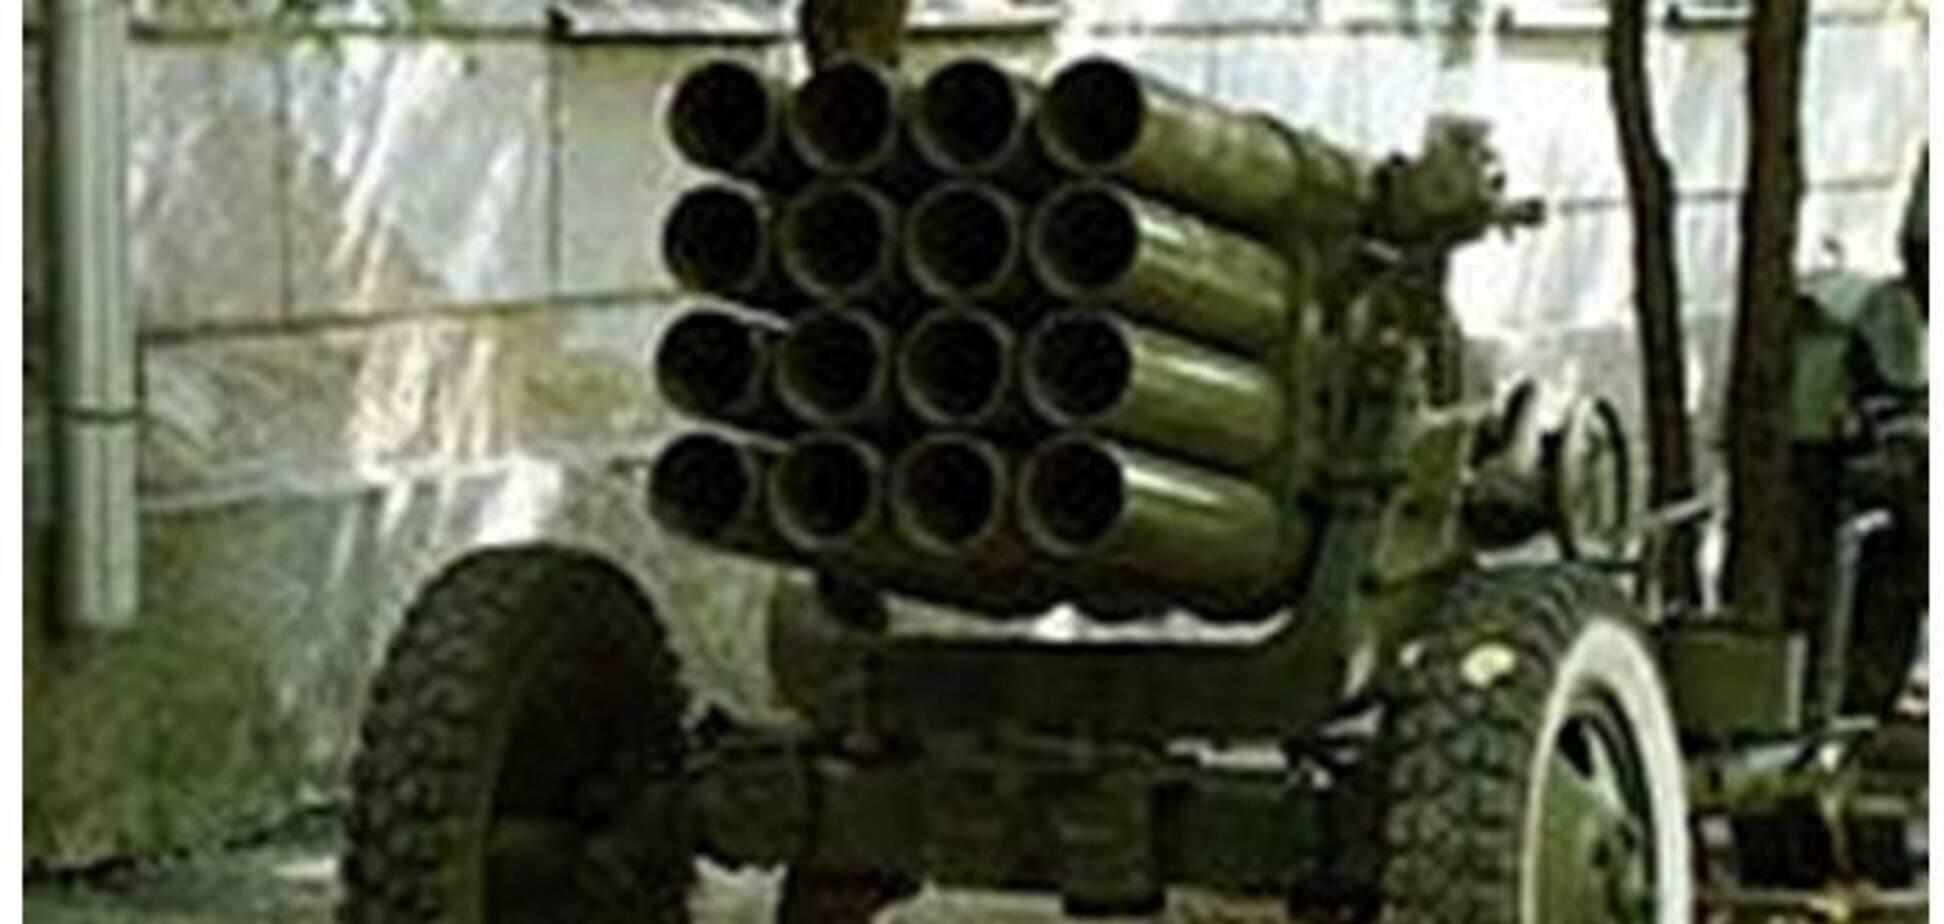 РСЗВ 'Чєбурашка' в 'ДНР', або Як Росія утилізує боєприпаси на українській землі